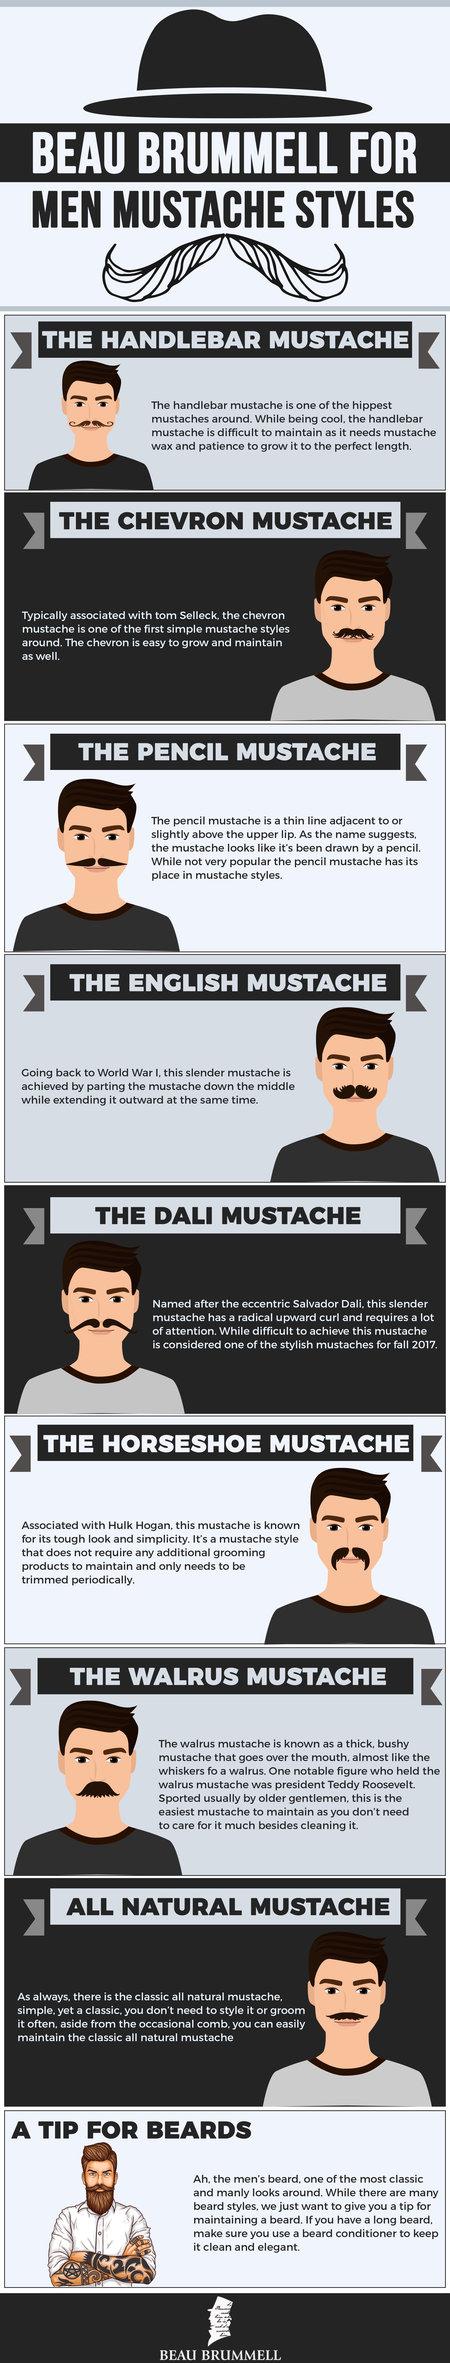 Beau Brummell for Men mustache styles